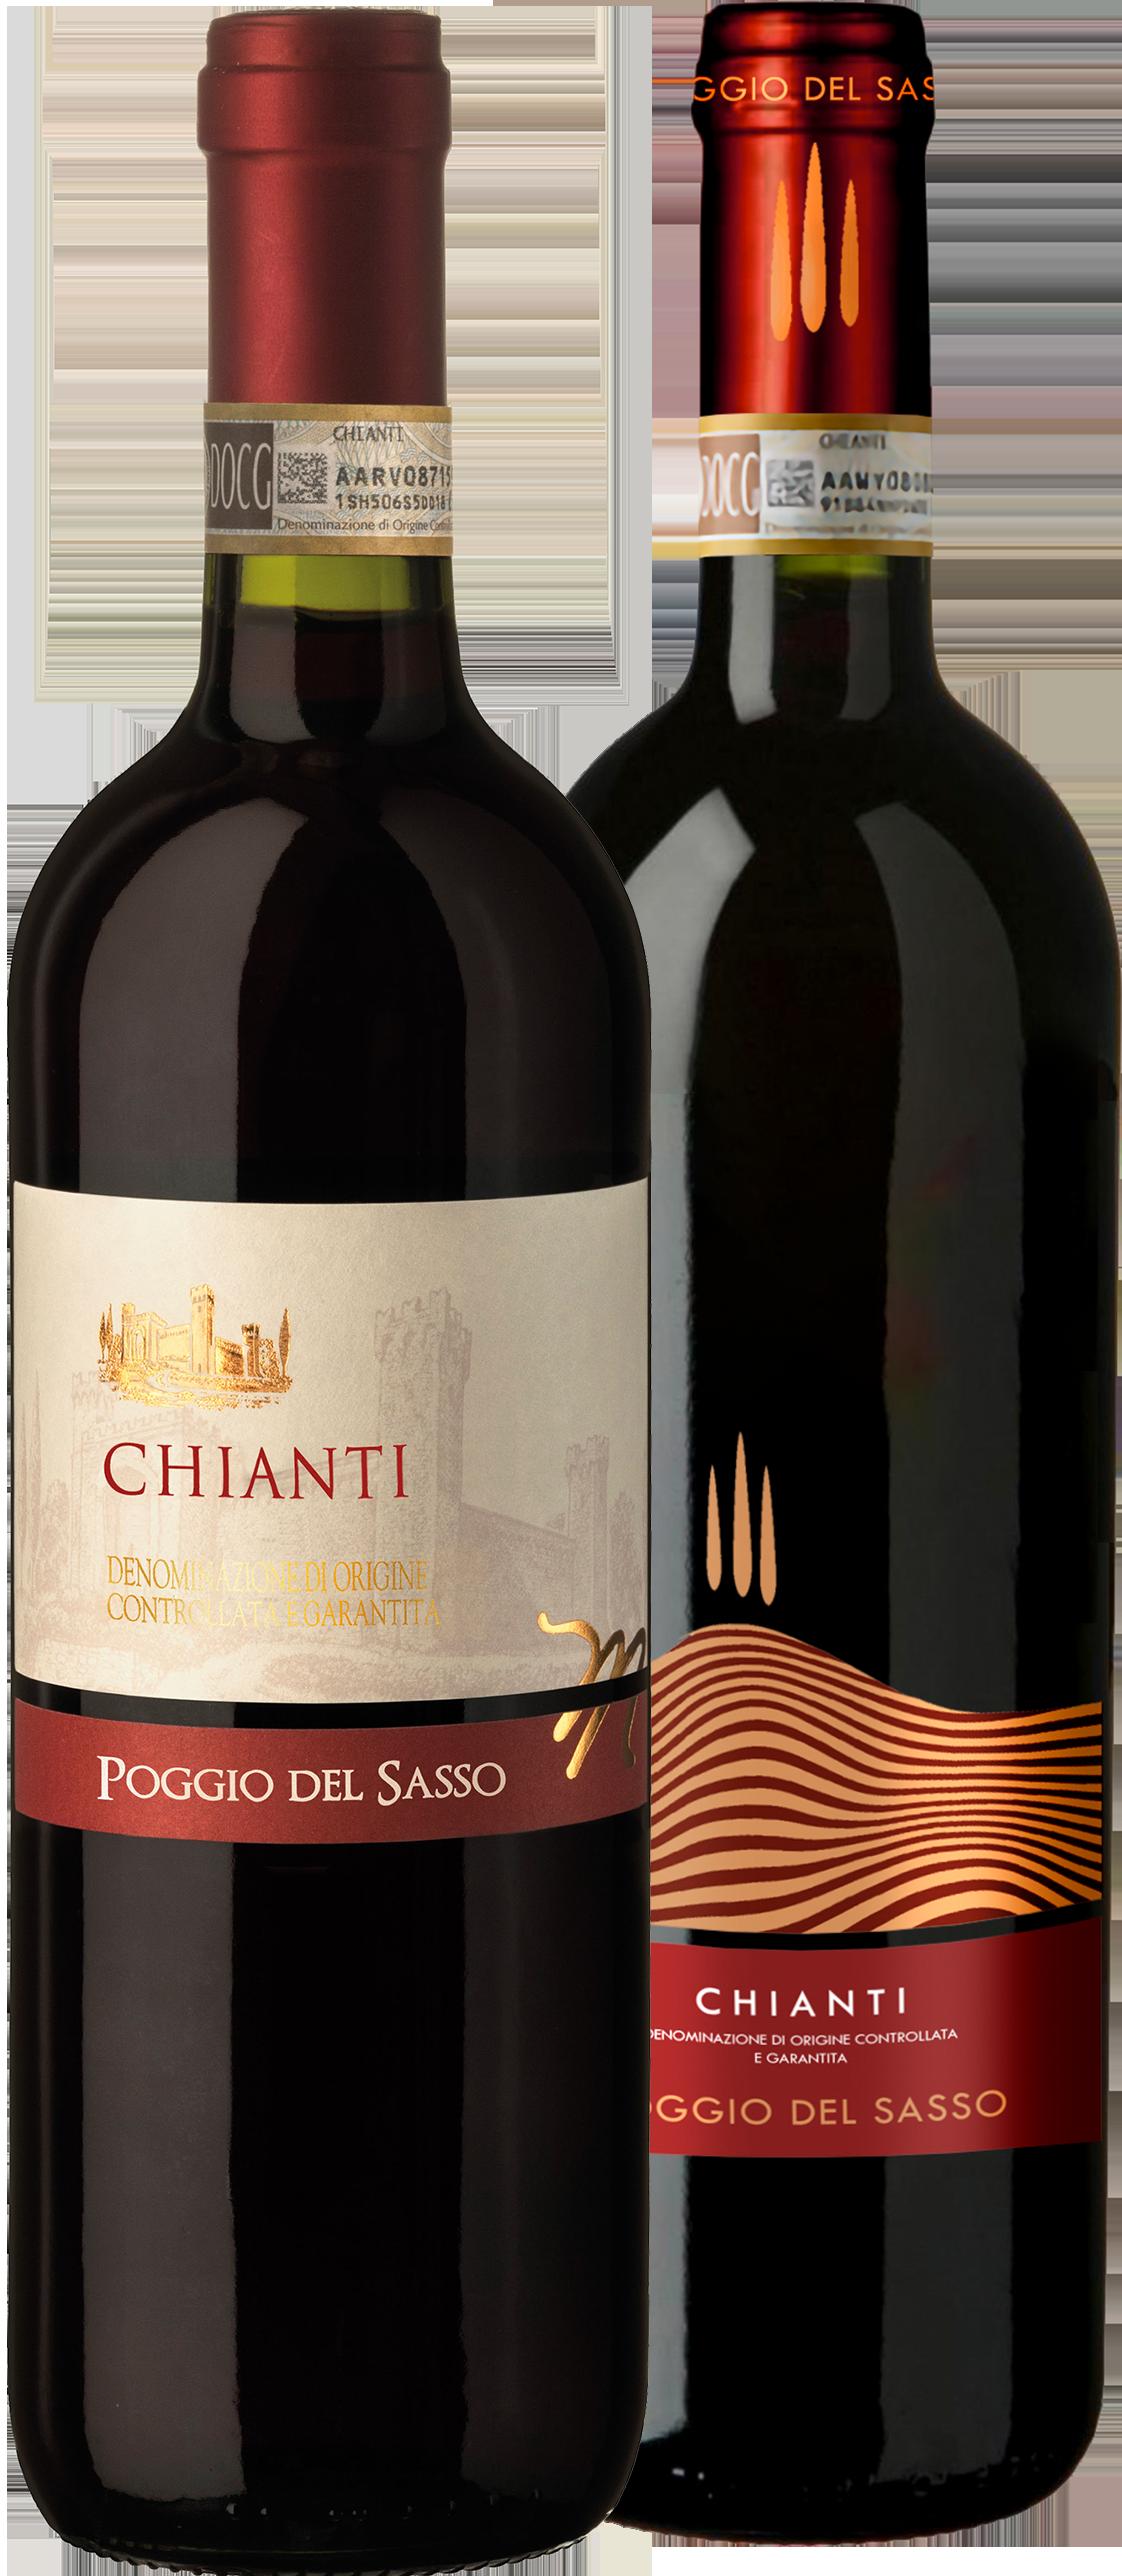 Poggio-del-Sasso-Chianti-beide-Etikette